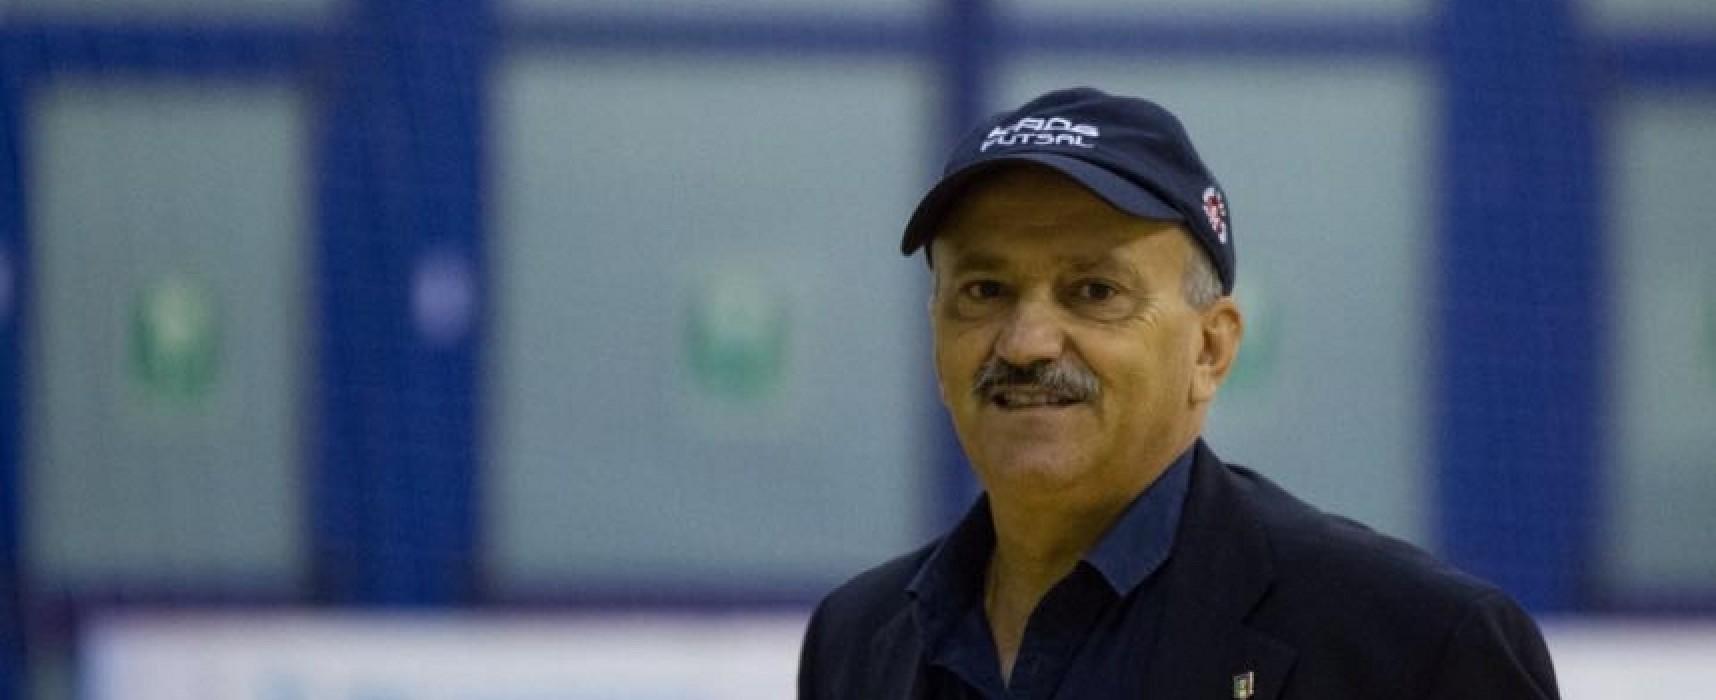 Capurso-Futsal Bisceglie ci siamo, manca solo l'ufficialità